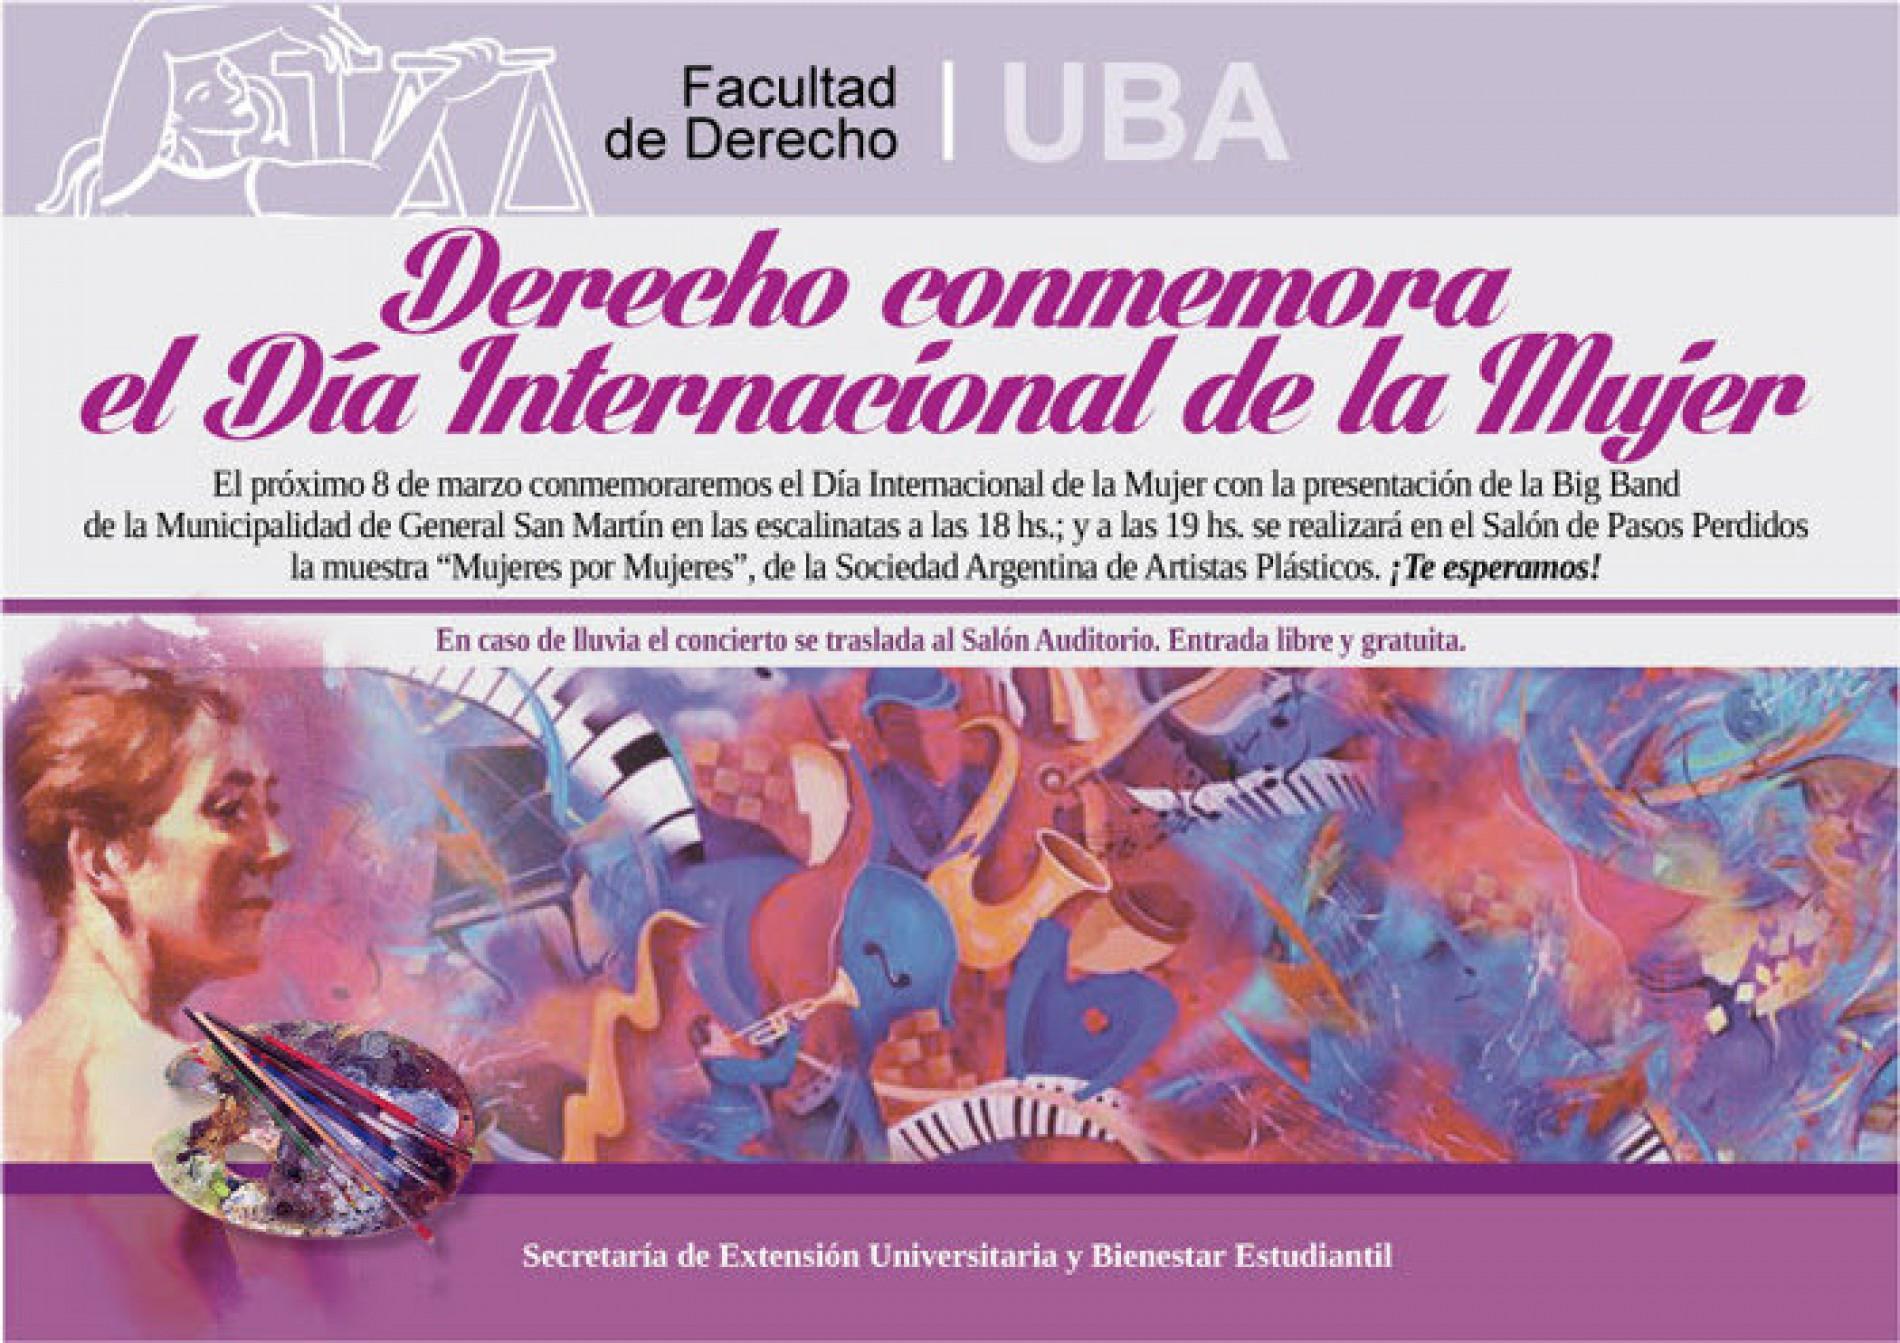 Conmemoración del Día Internacional de la Mujer en la Facultad de Derecho